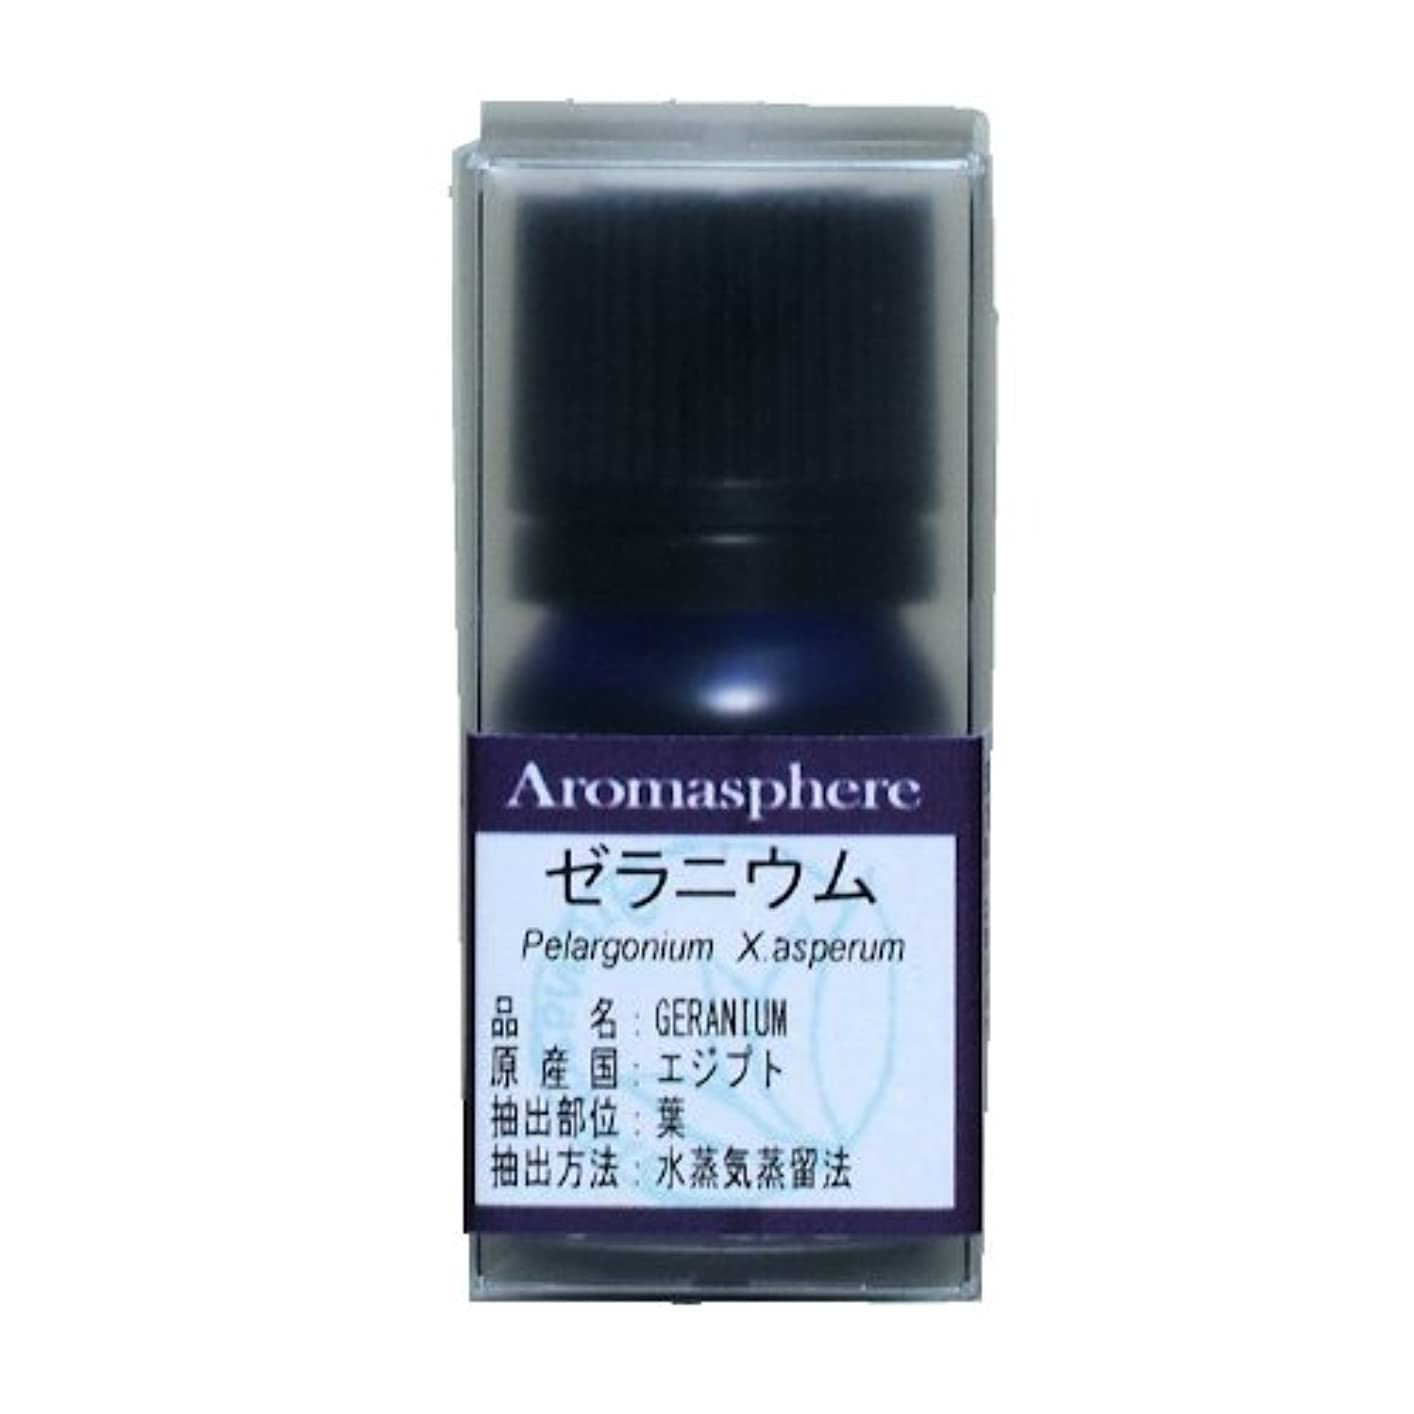 ひどいできれば特派員【アロマスフィア】ゼラニウム 5ml エッセンシャルオイル(精油)